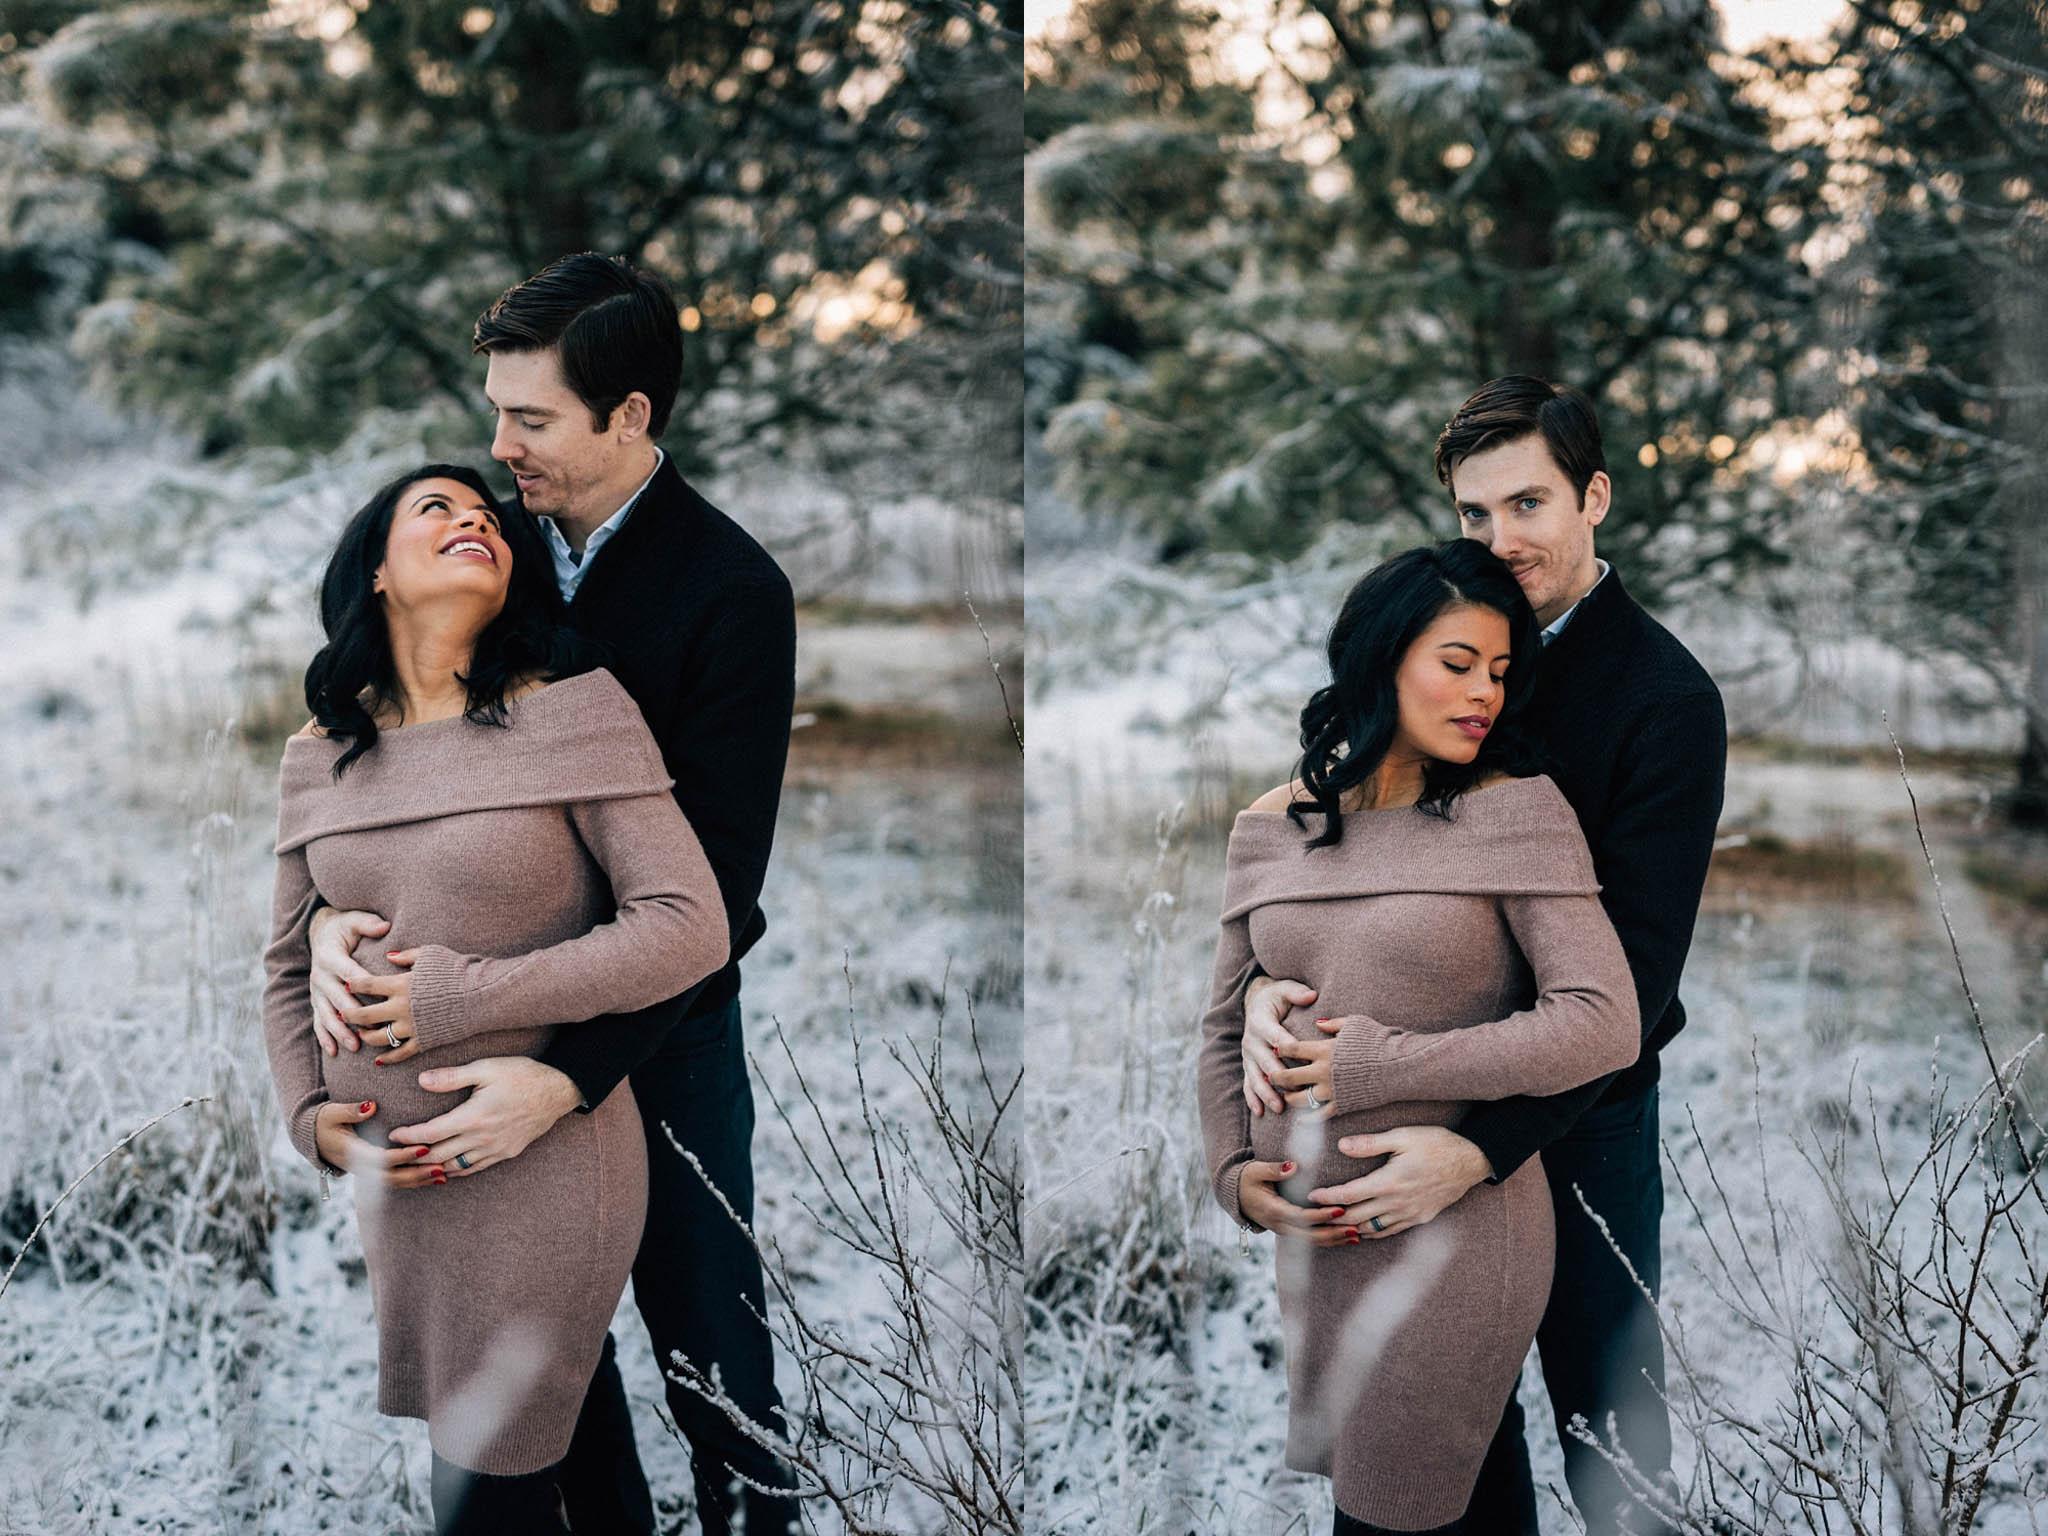 ashley vos seattle maternity wedding photographer lifestyle photography pnw-6.jpg